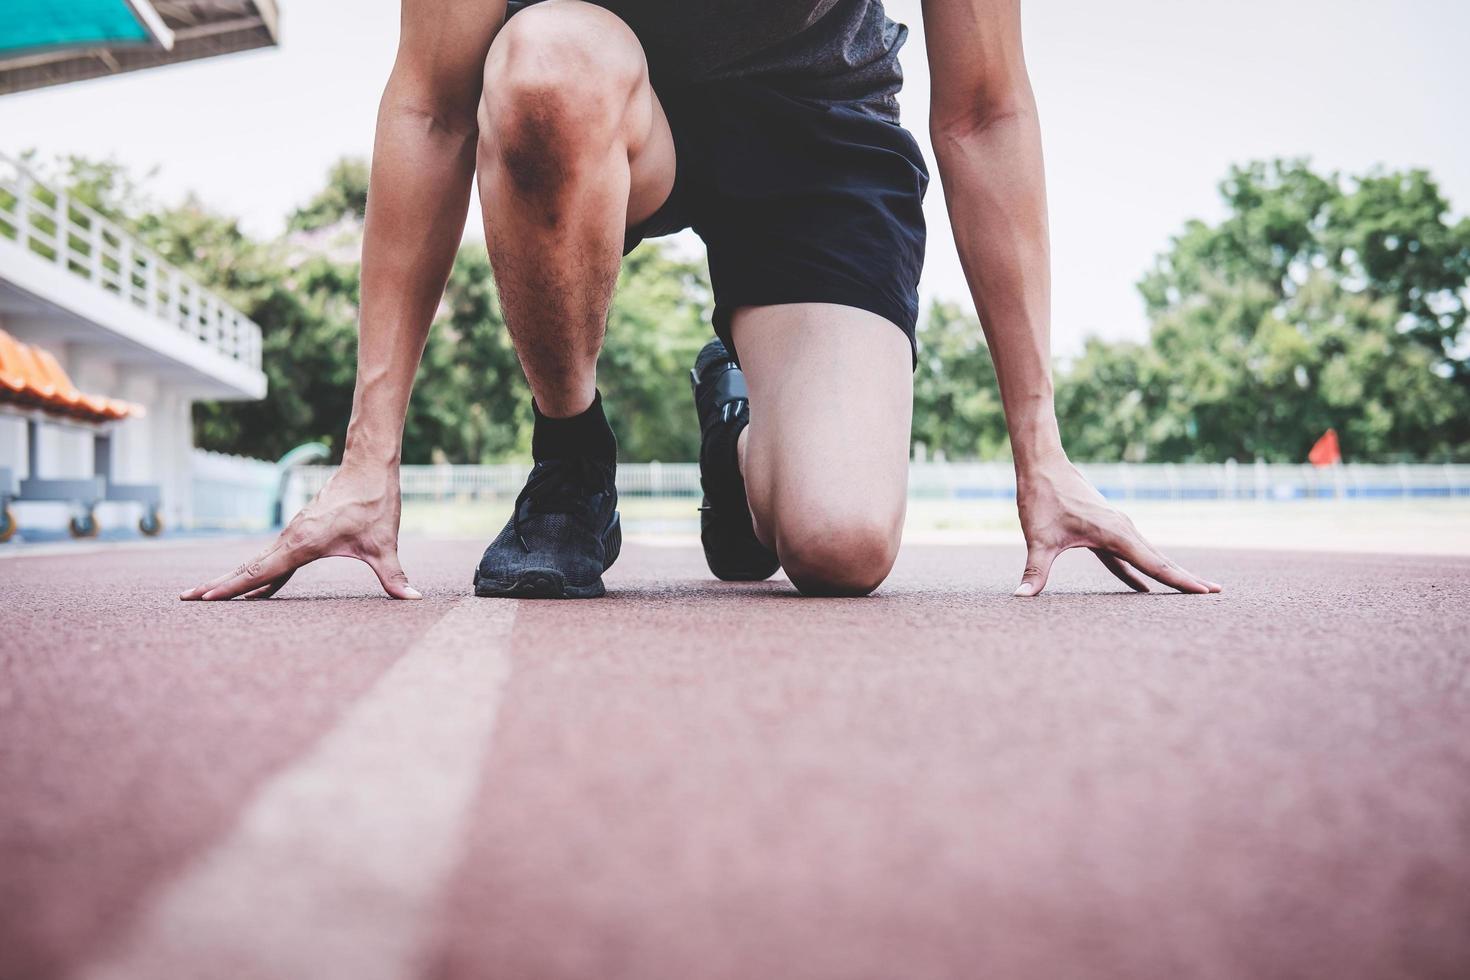 courir se préparer à courir sur une piste de course photo